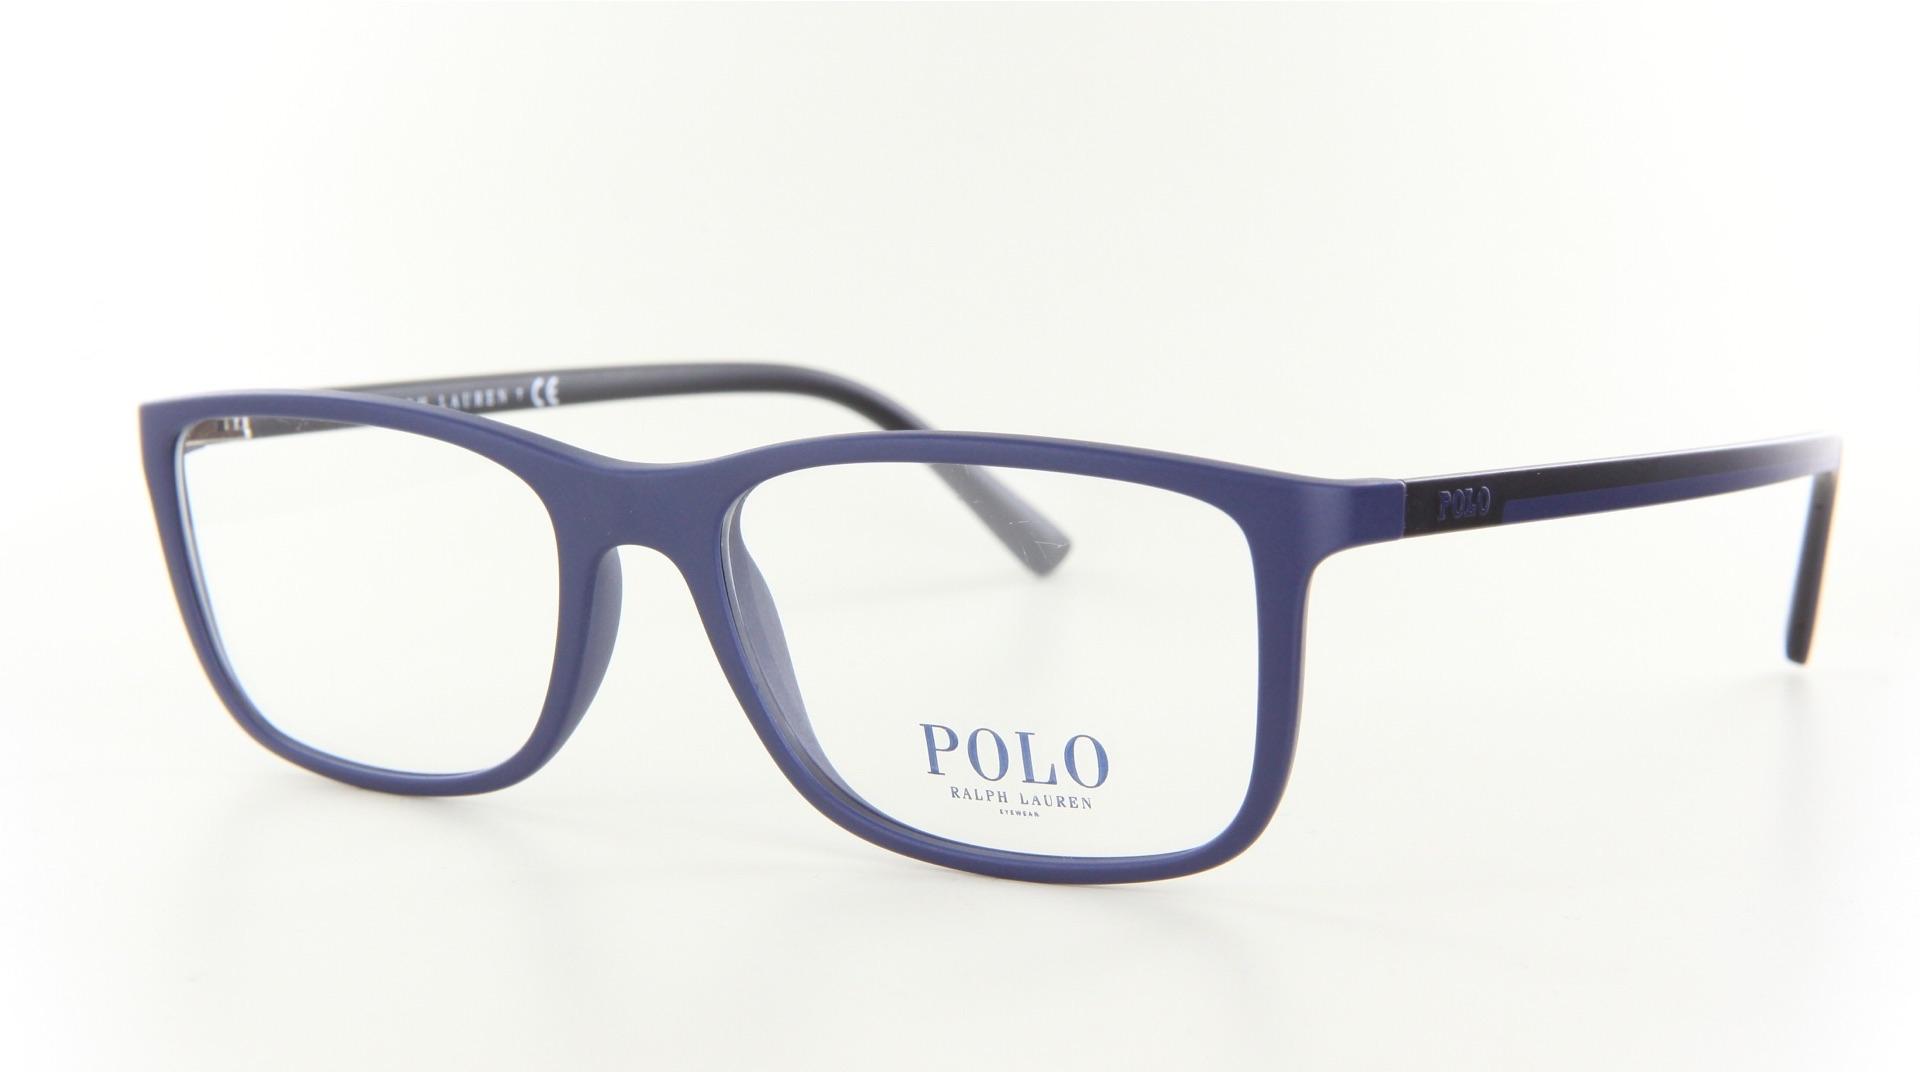 Polo Ralph Lauren - ref: 76362